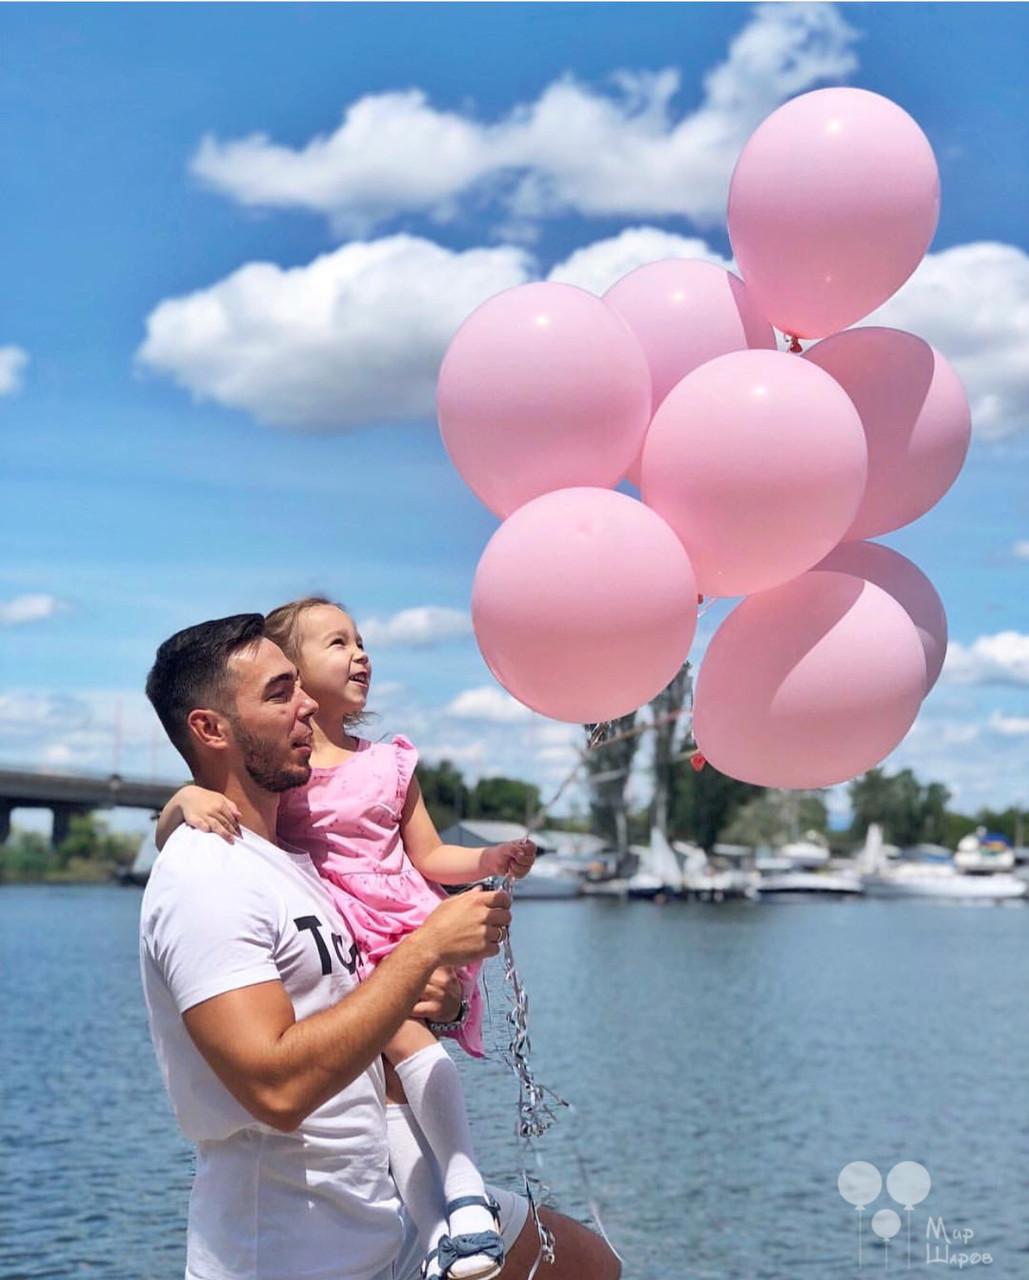 Пудровое хмару повітряних кульок